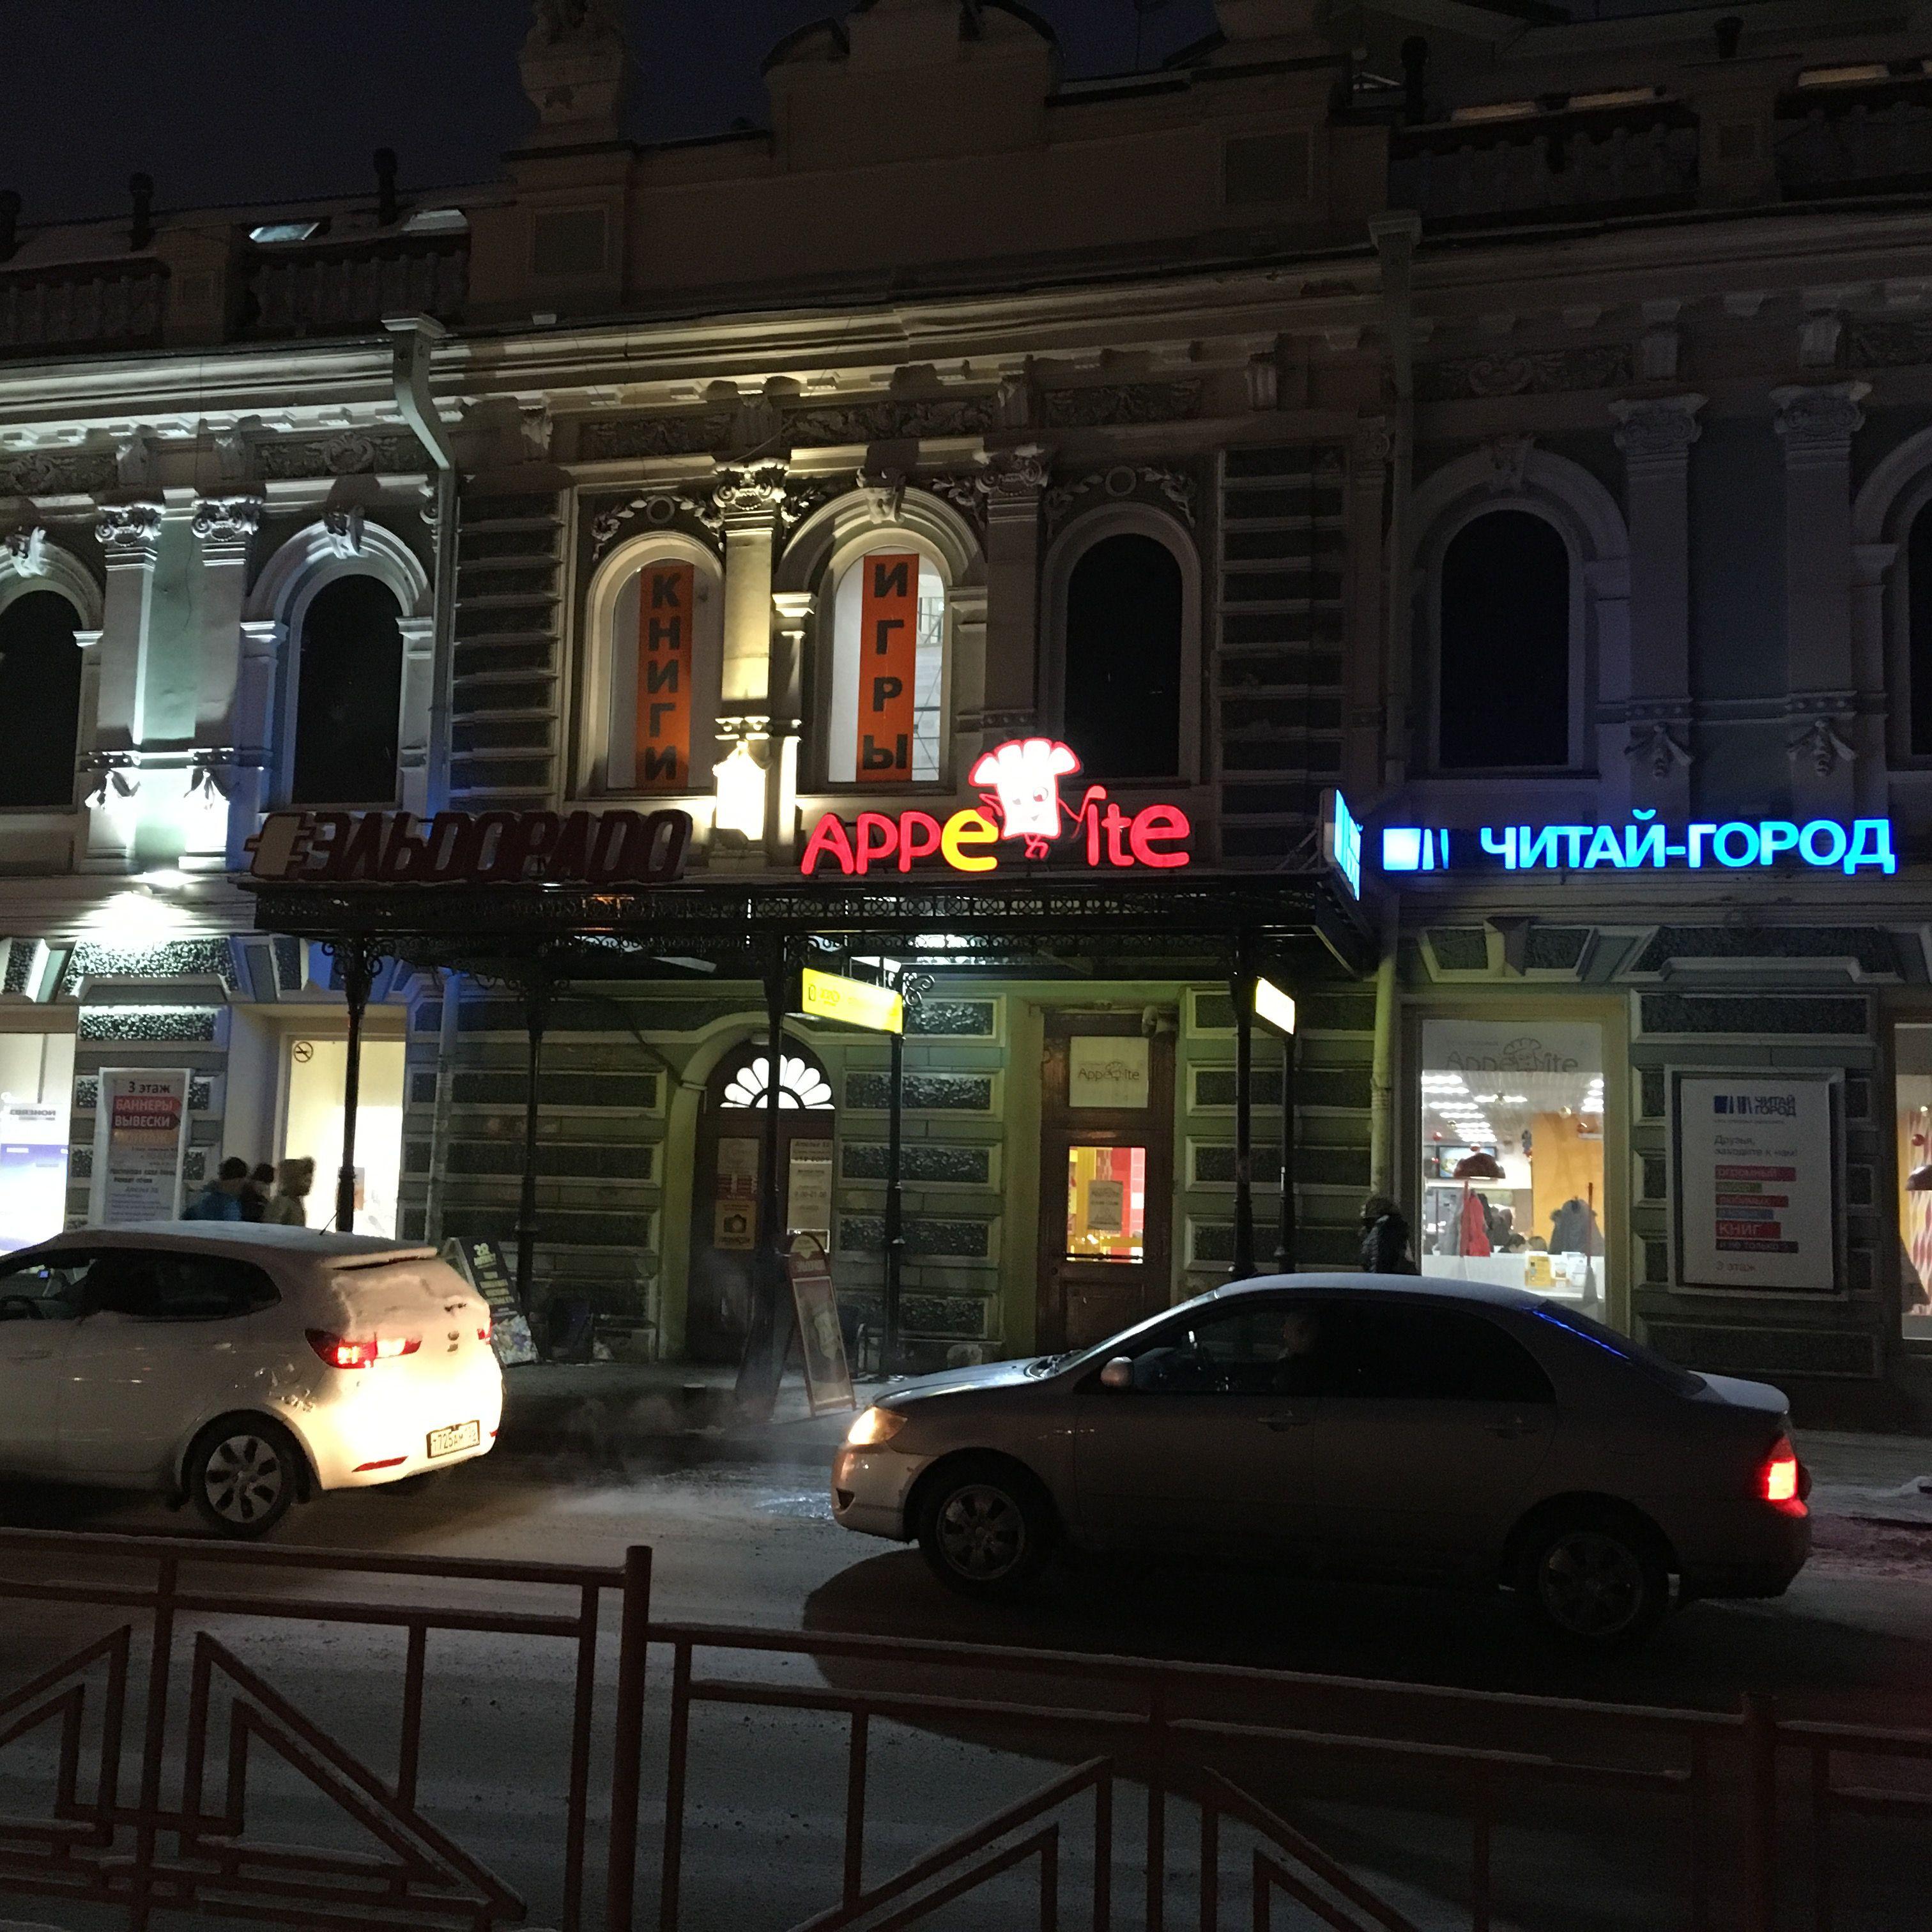 Кафе Аппетит, Иркутск, вечер